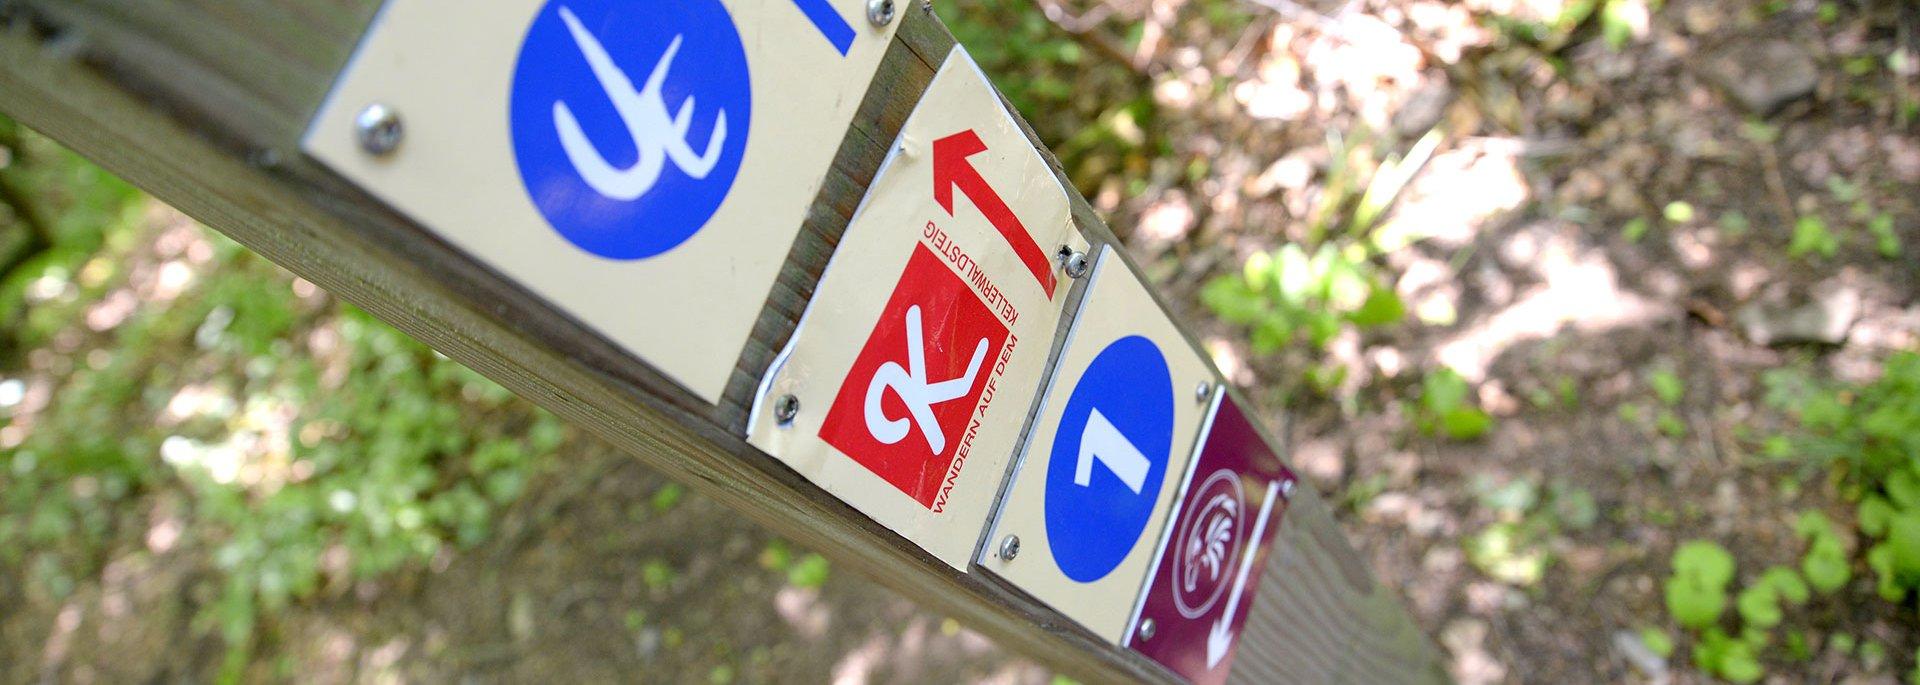 Pfeile mit Kennzeichnung Wanderwege